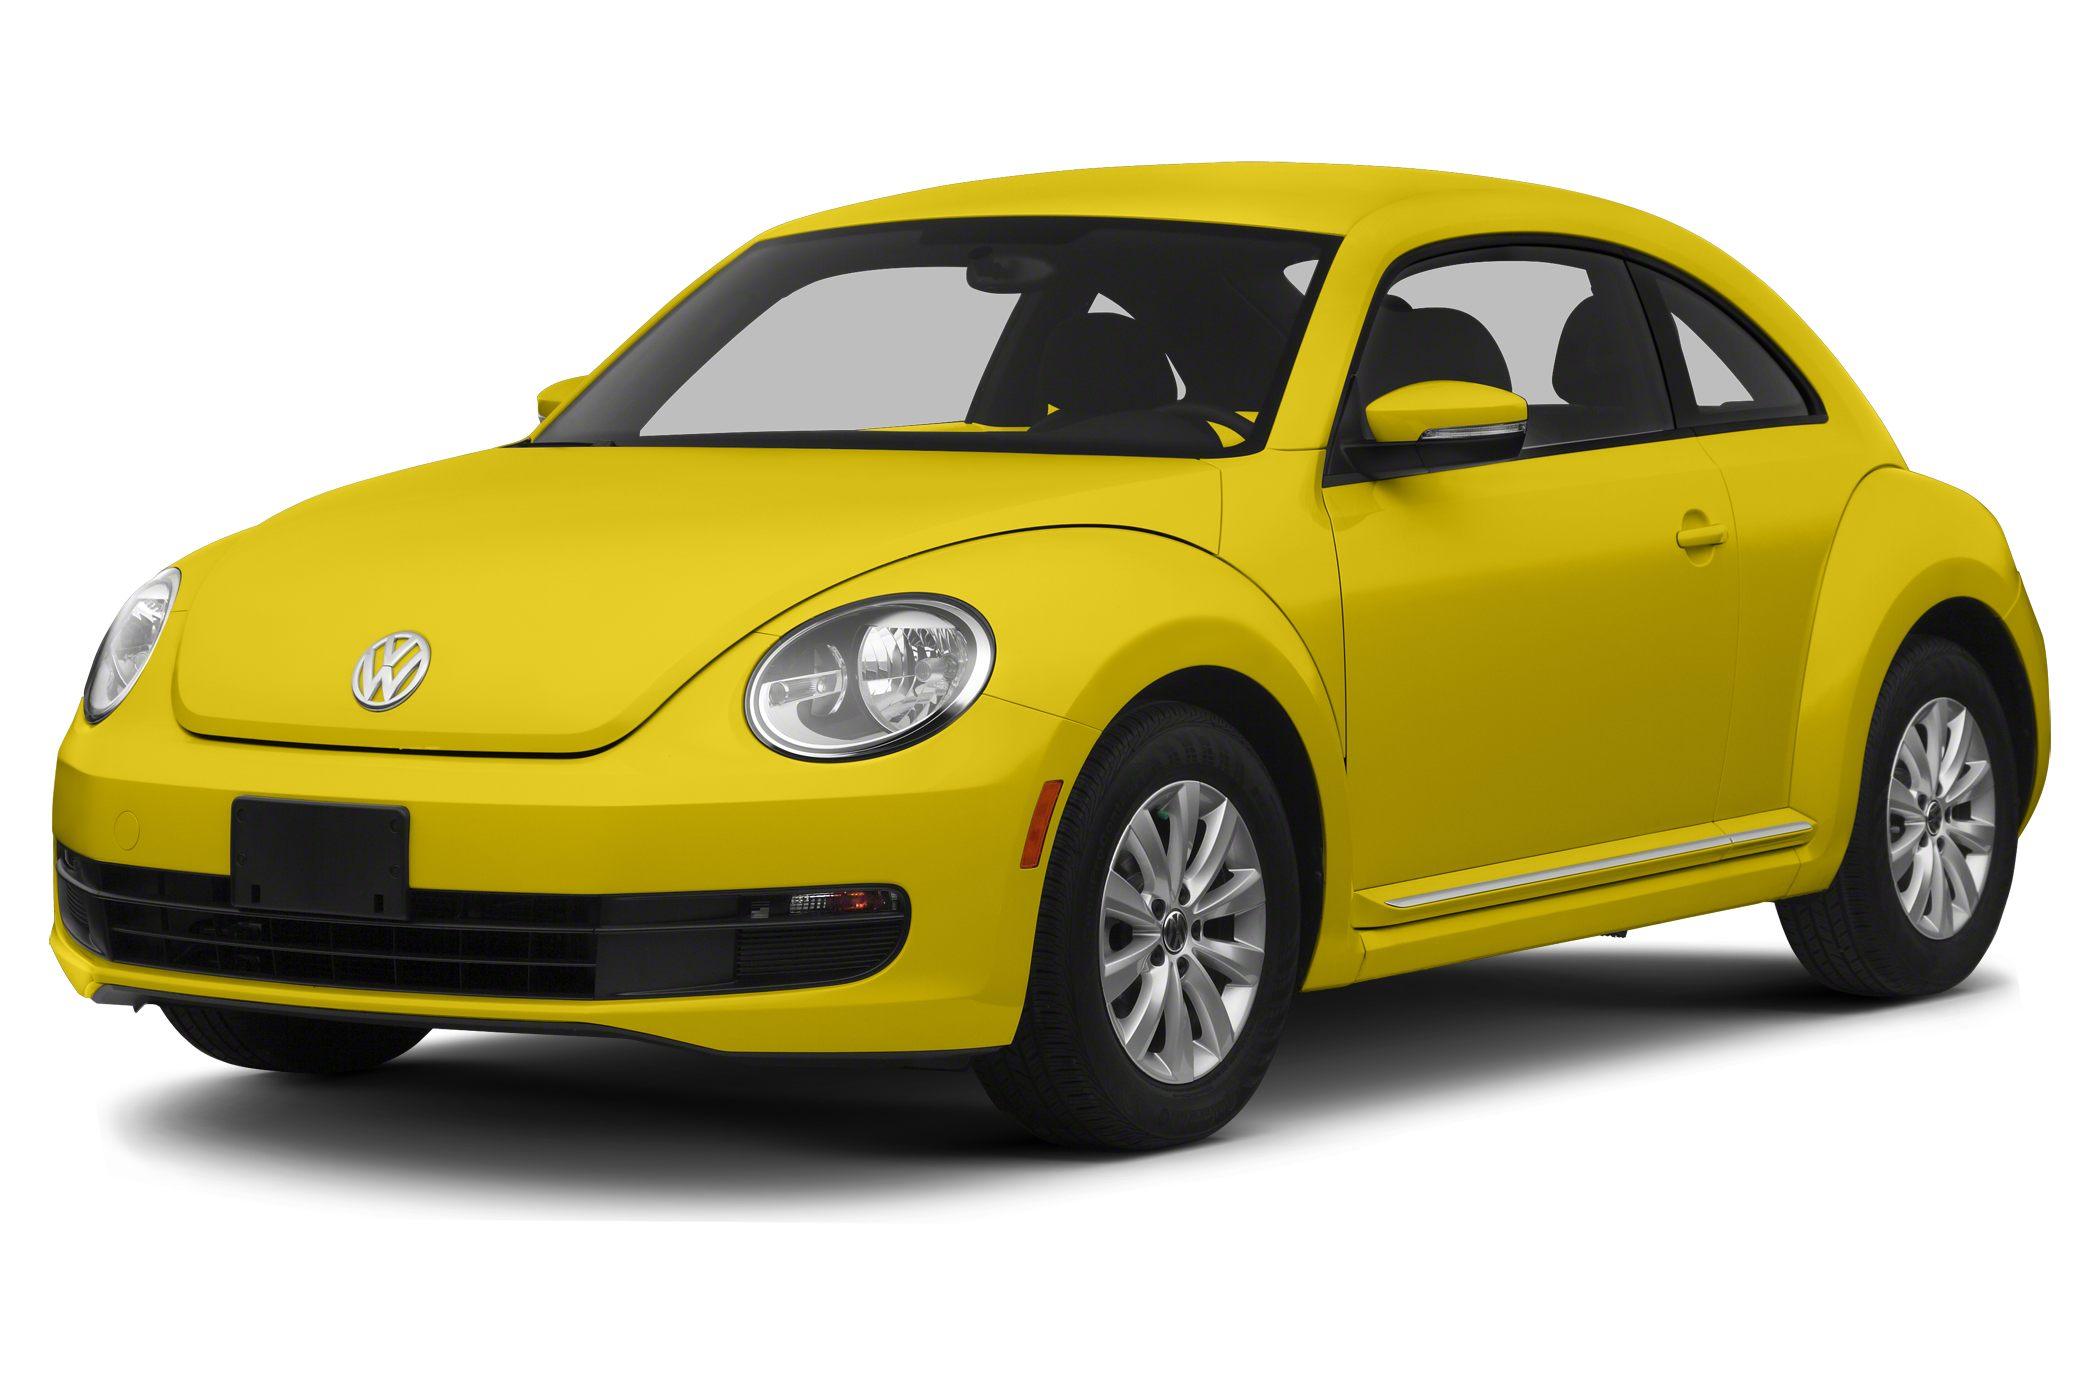 2017 Volkswagen Beetle Pricing And Specs